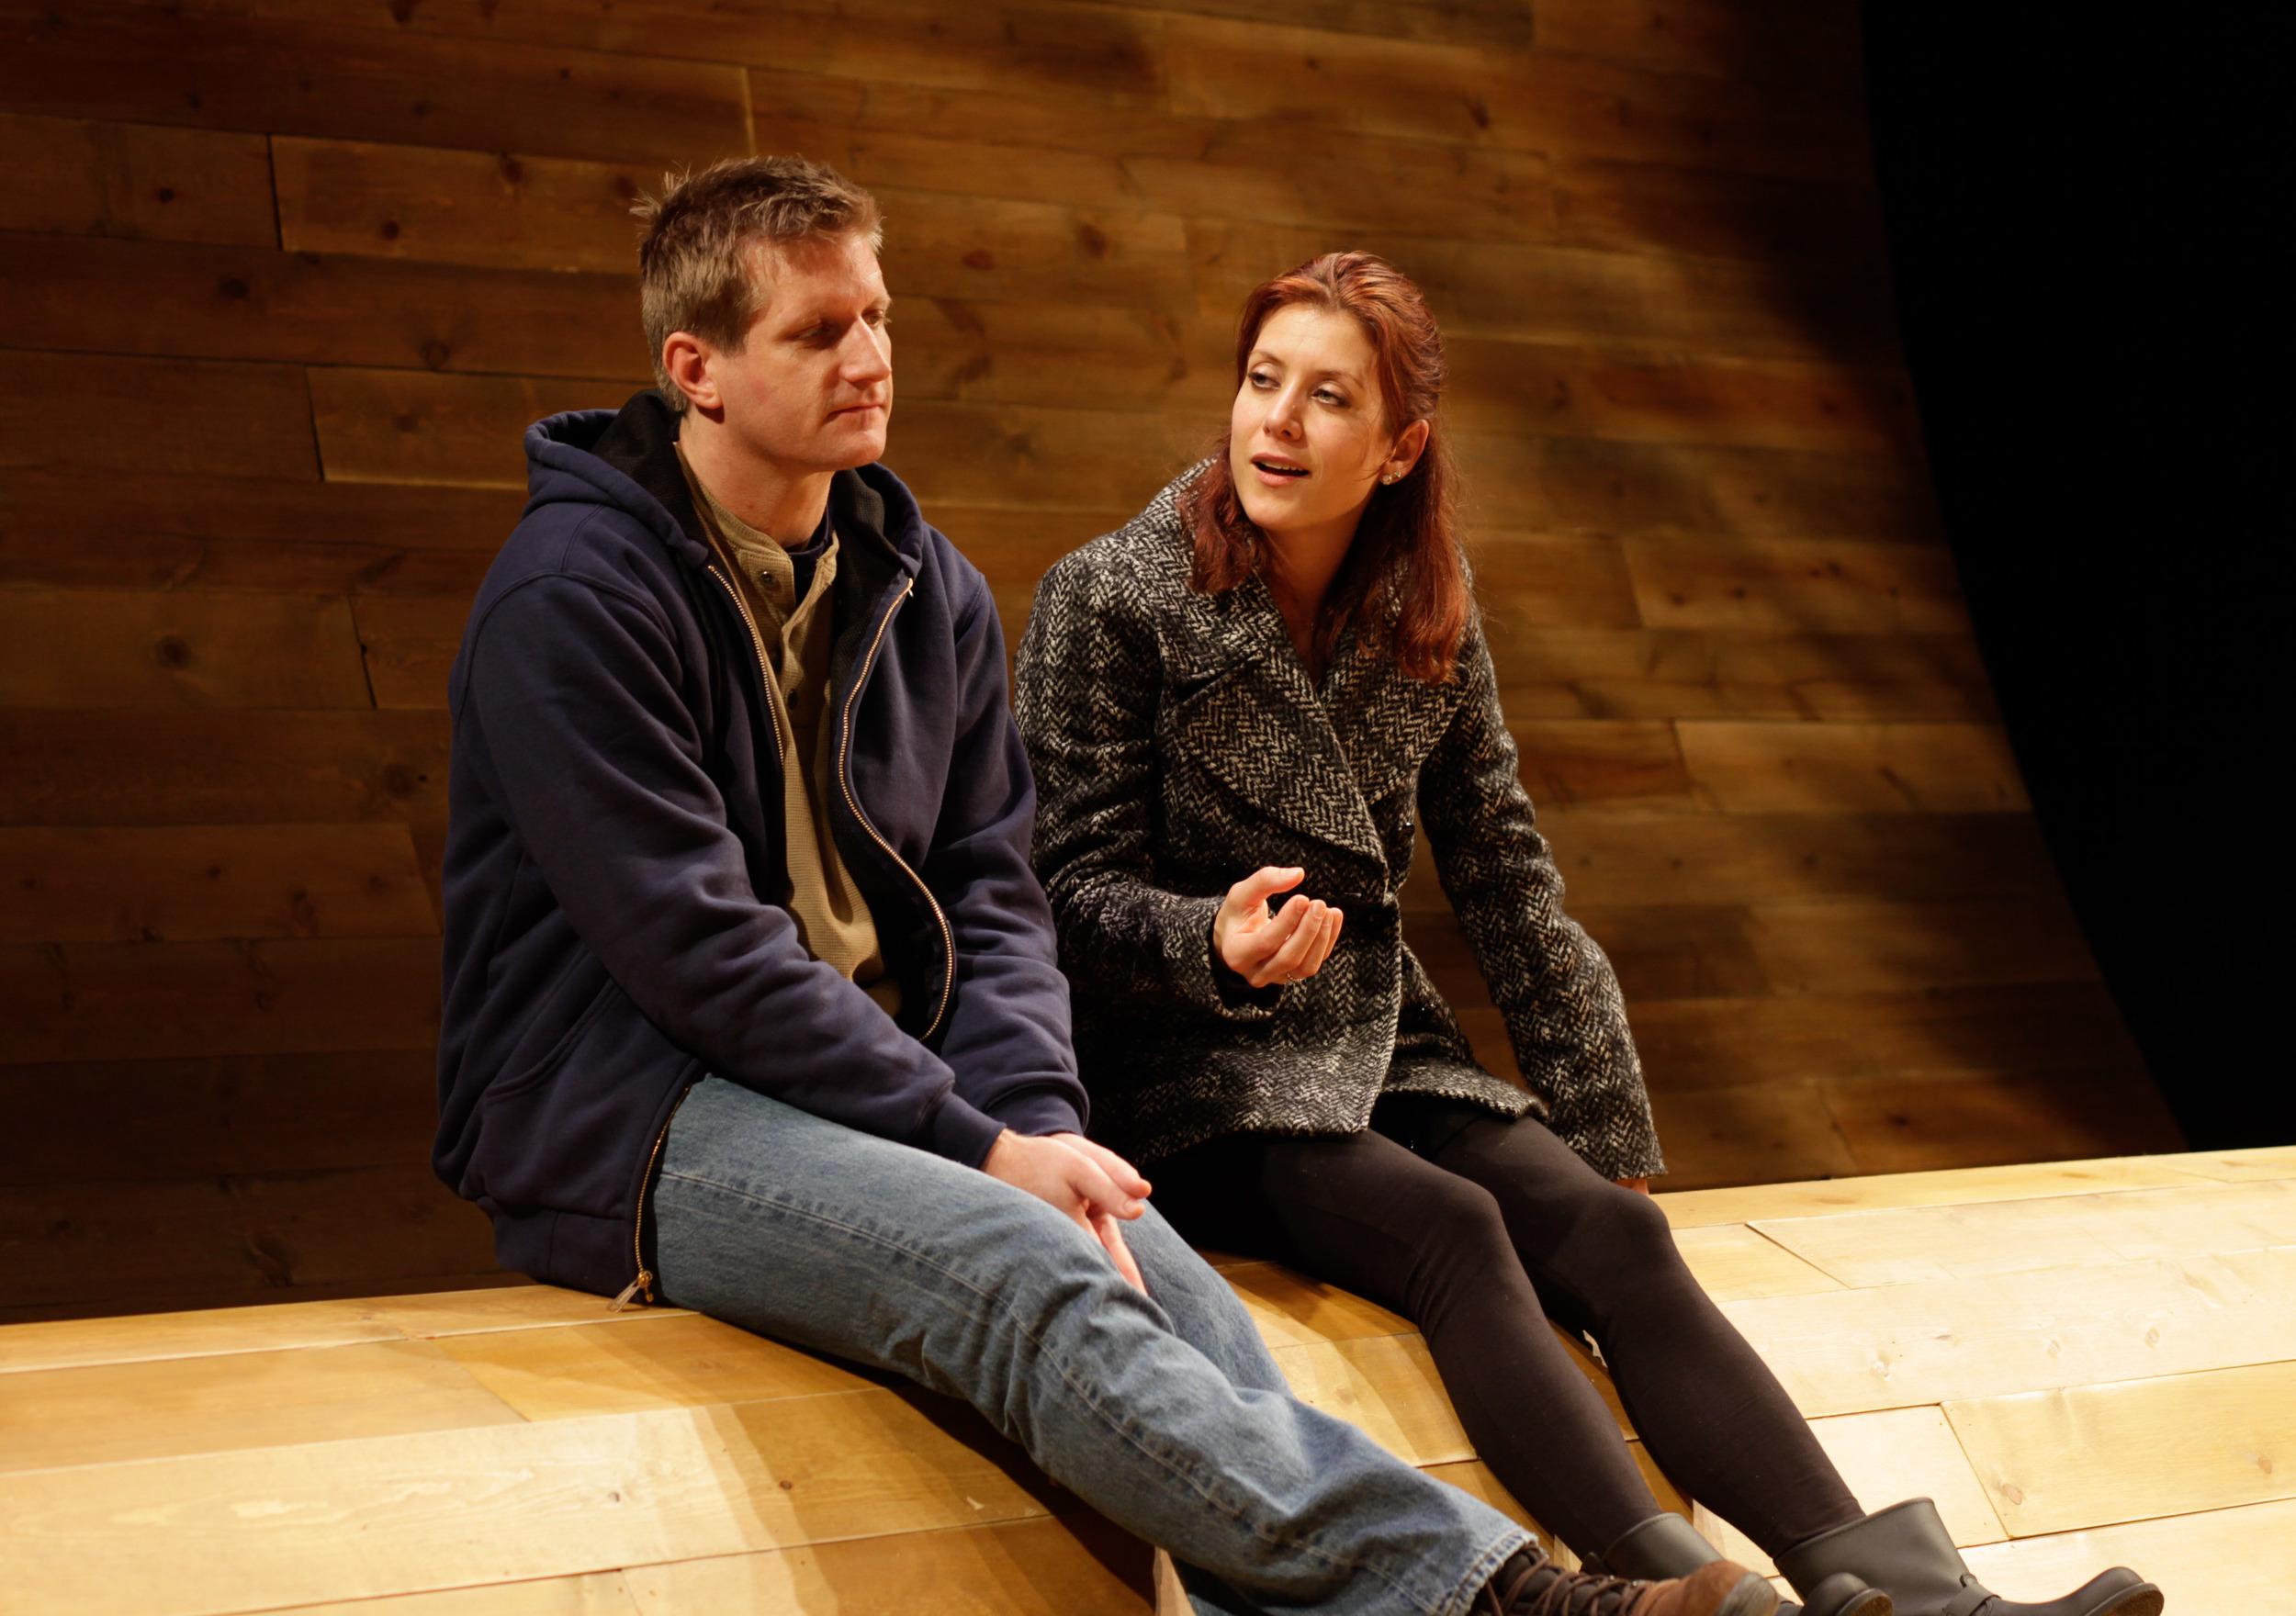 Kate Walsh & Paul Sparks